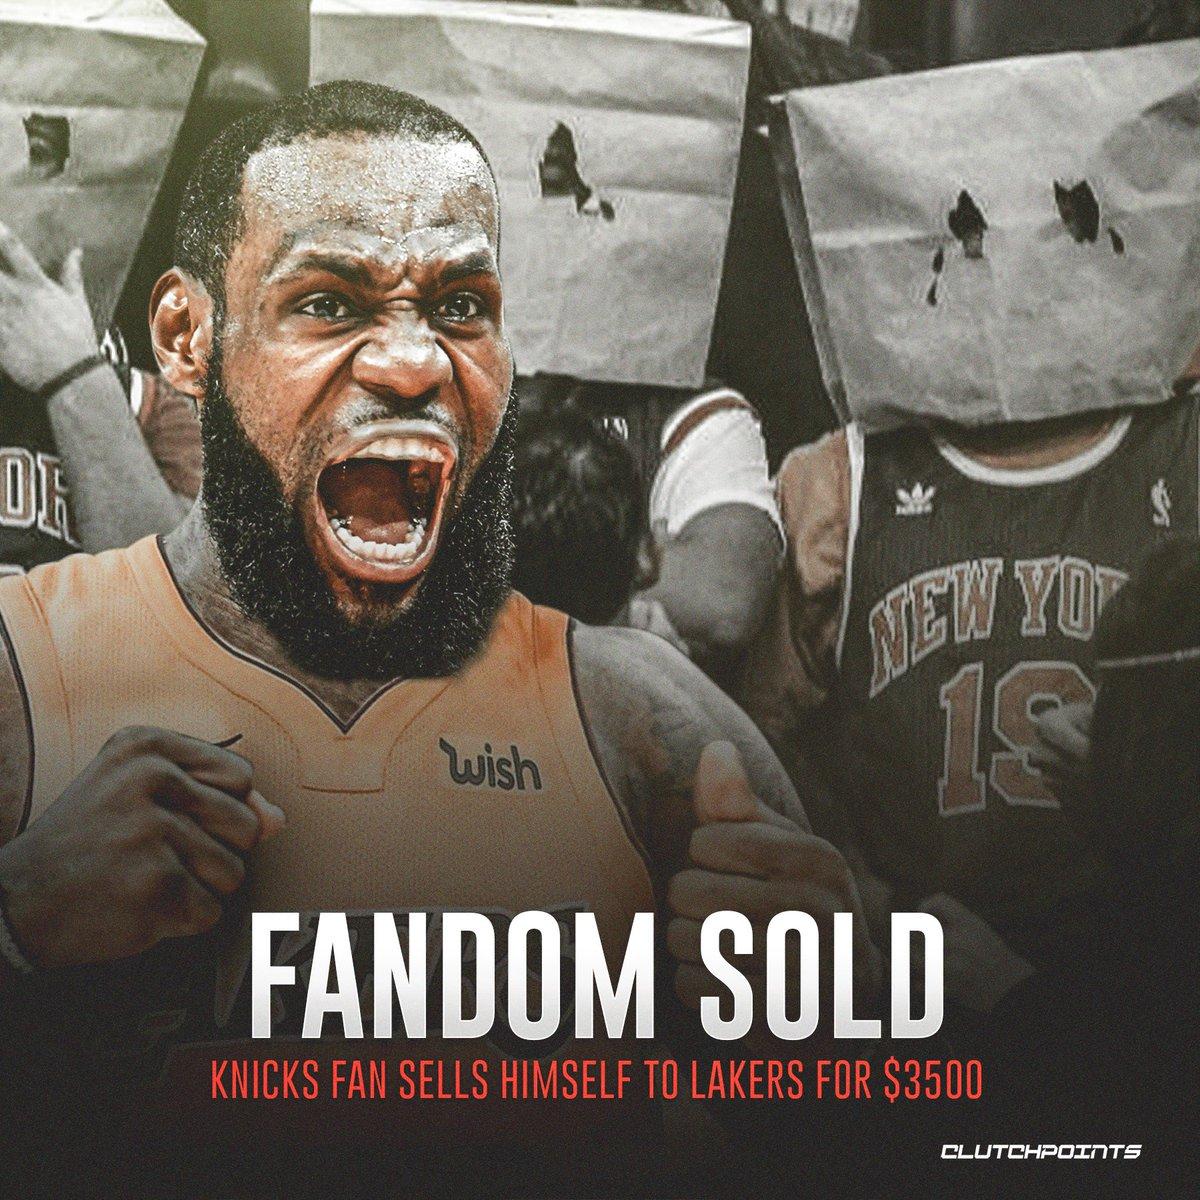 本身球迷身份现撑持湖人出尼克斯球迷3200美元售